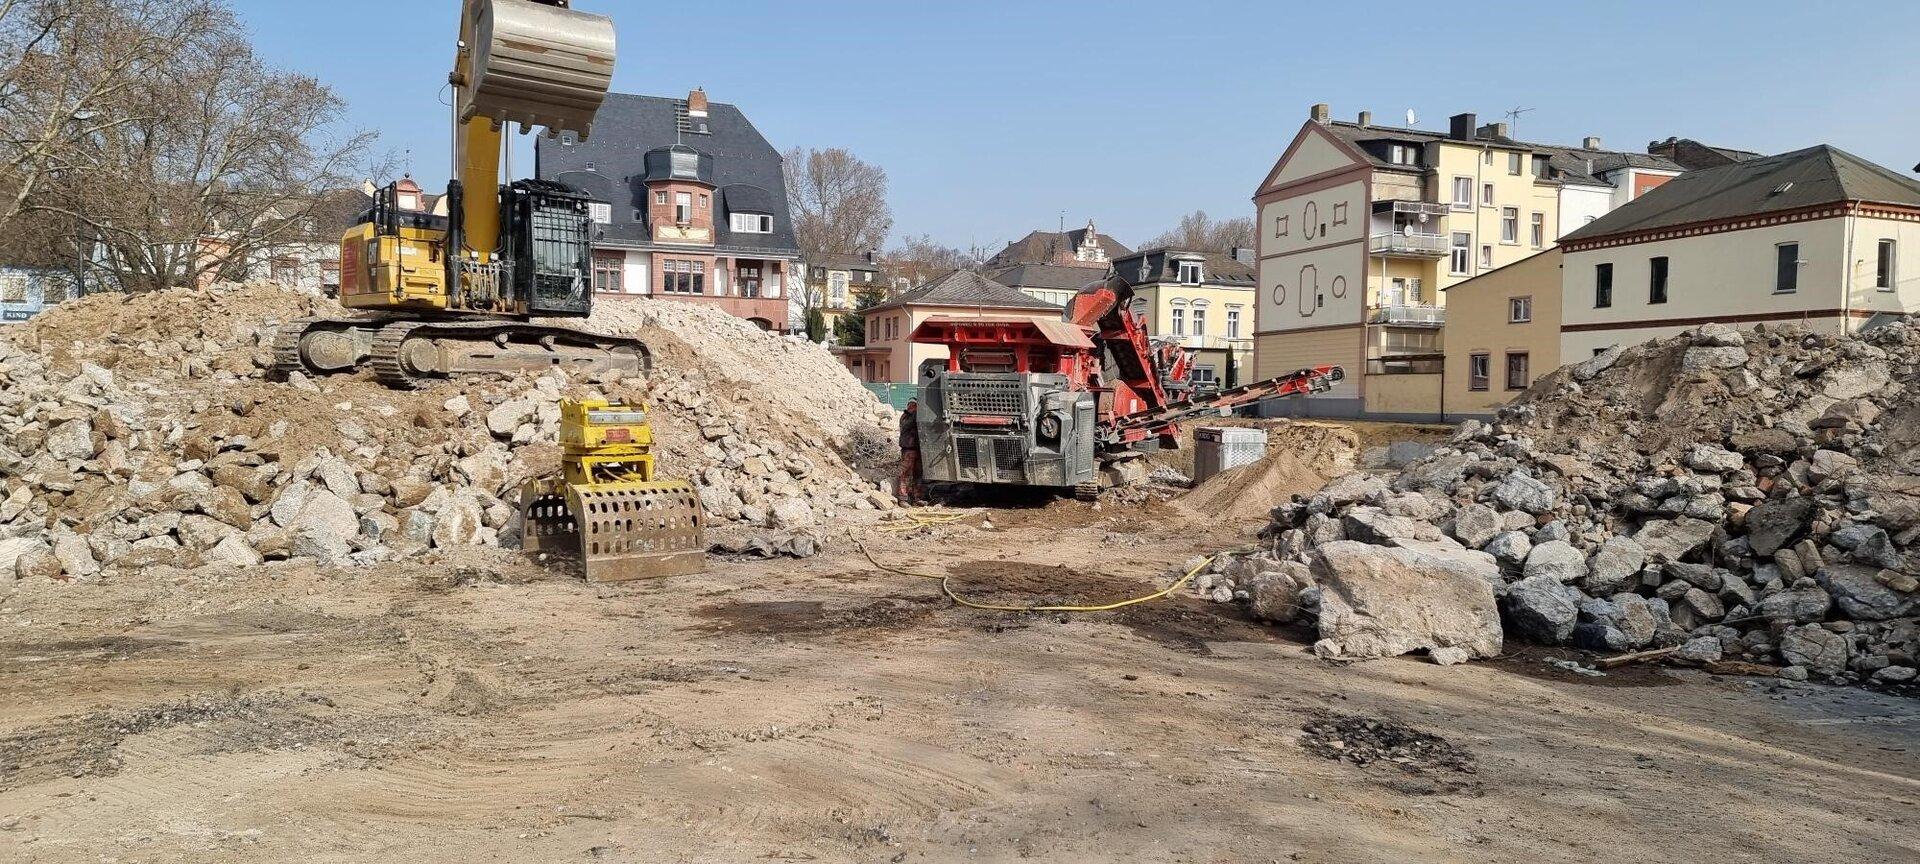 Fortschritte auf der Baustelle